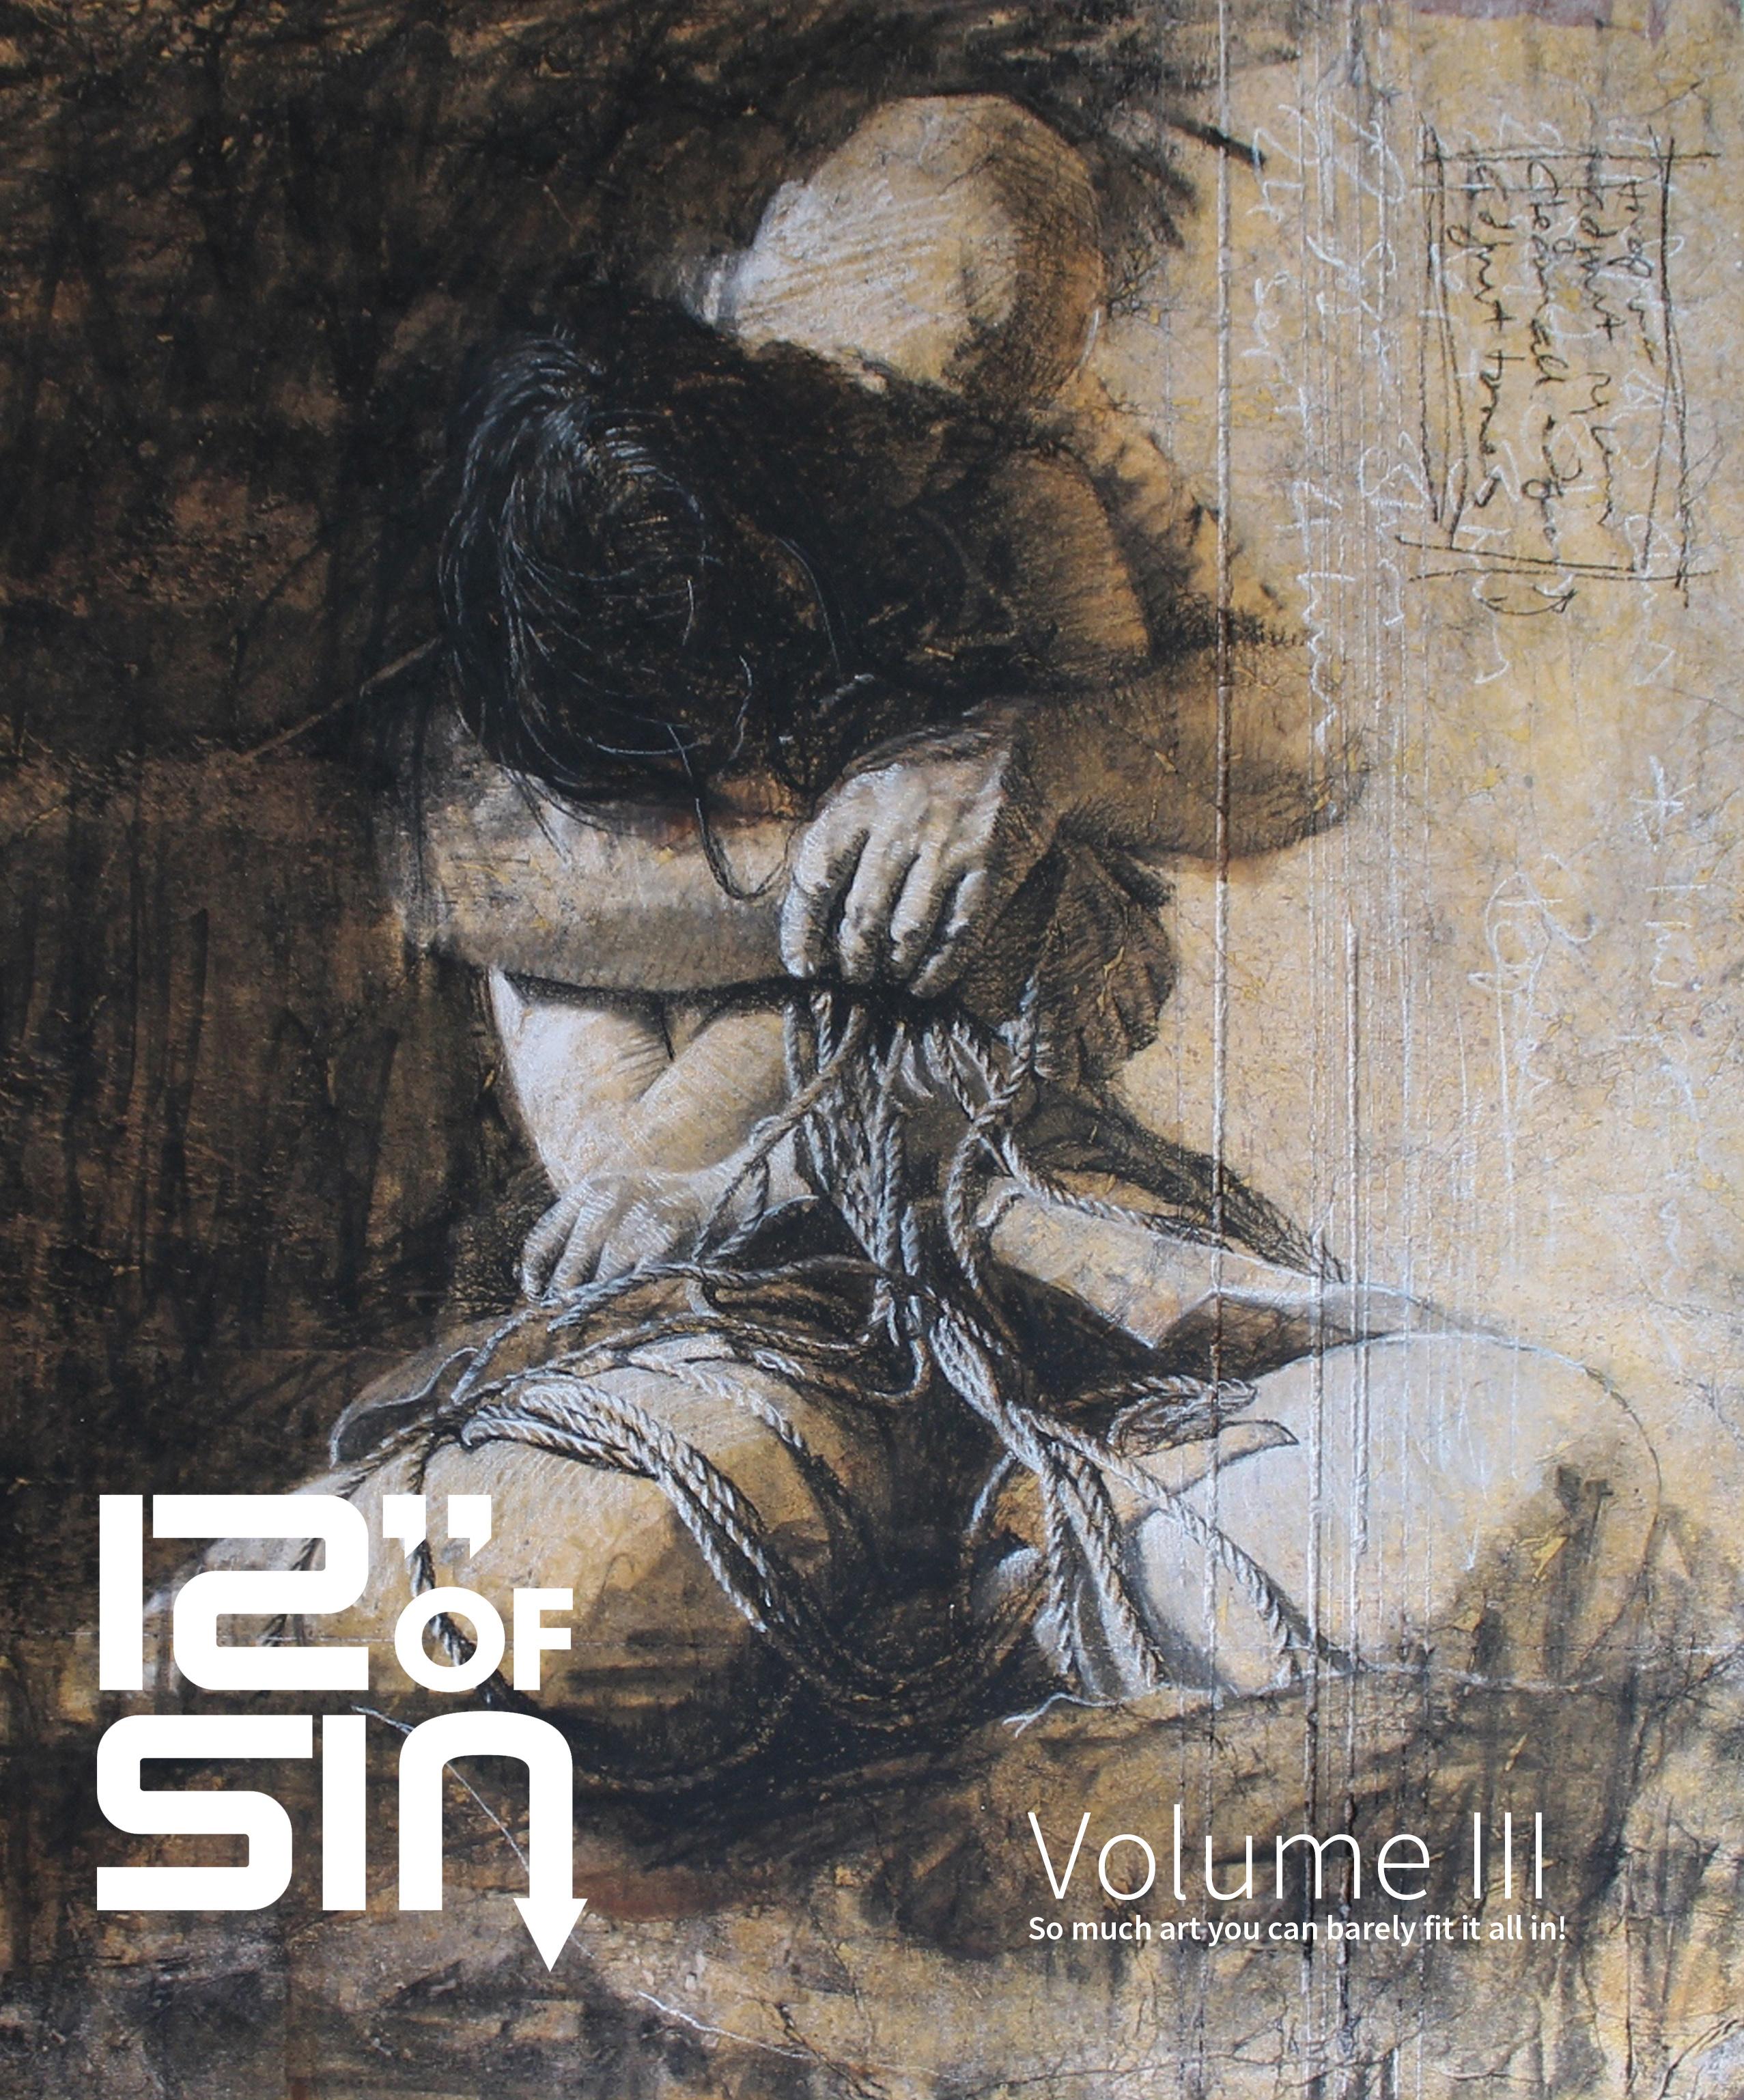 Volume III, Kickstarter Proof, Hardcover, Signed by Dr. Laura Henkel